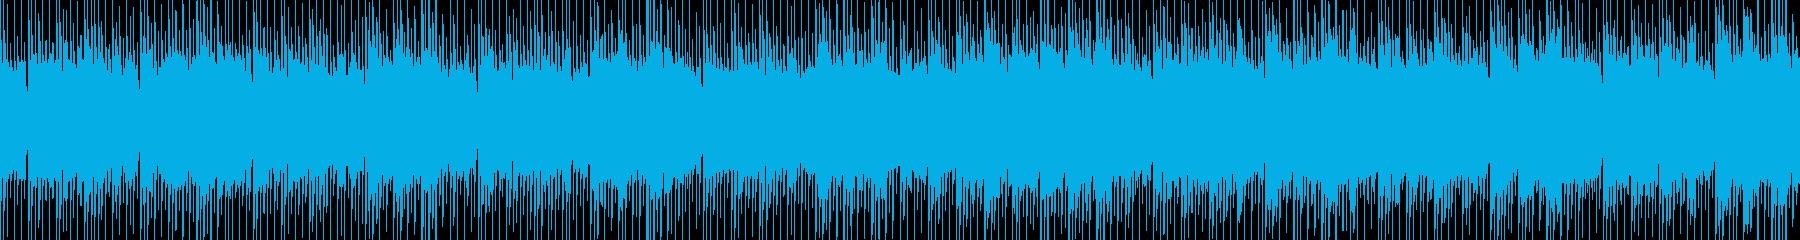 ニュース映像ナレーションバック向け-25の再生済みの波形